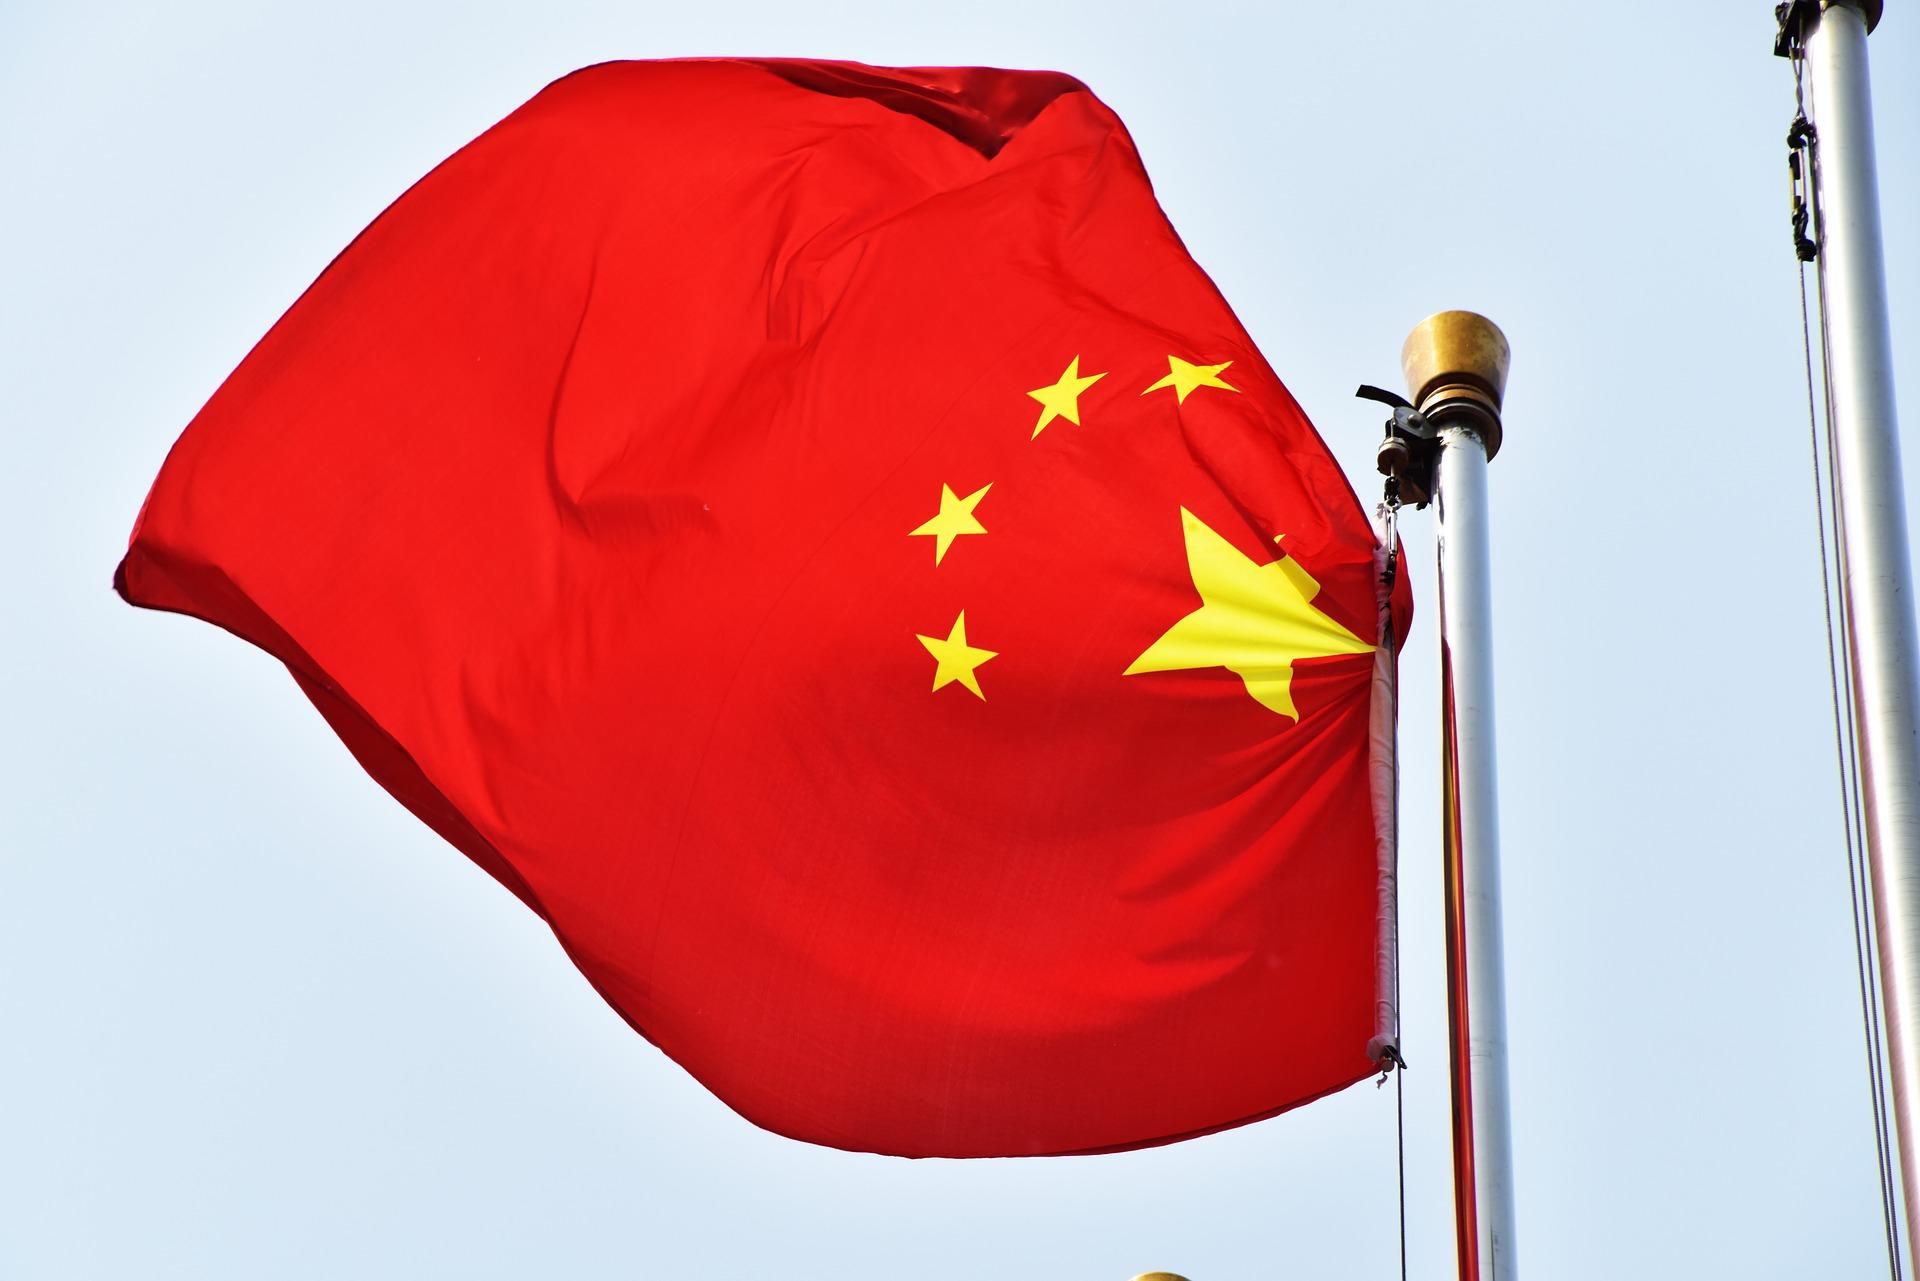 La tecnología blockchain aún se encuentra lejos de la maduración y China puede aprovechar esto para liderar a nivel mundial, asegura ex ministro de Ciencia y Tecnología del país